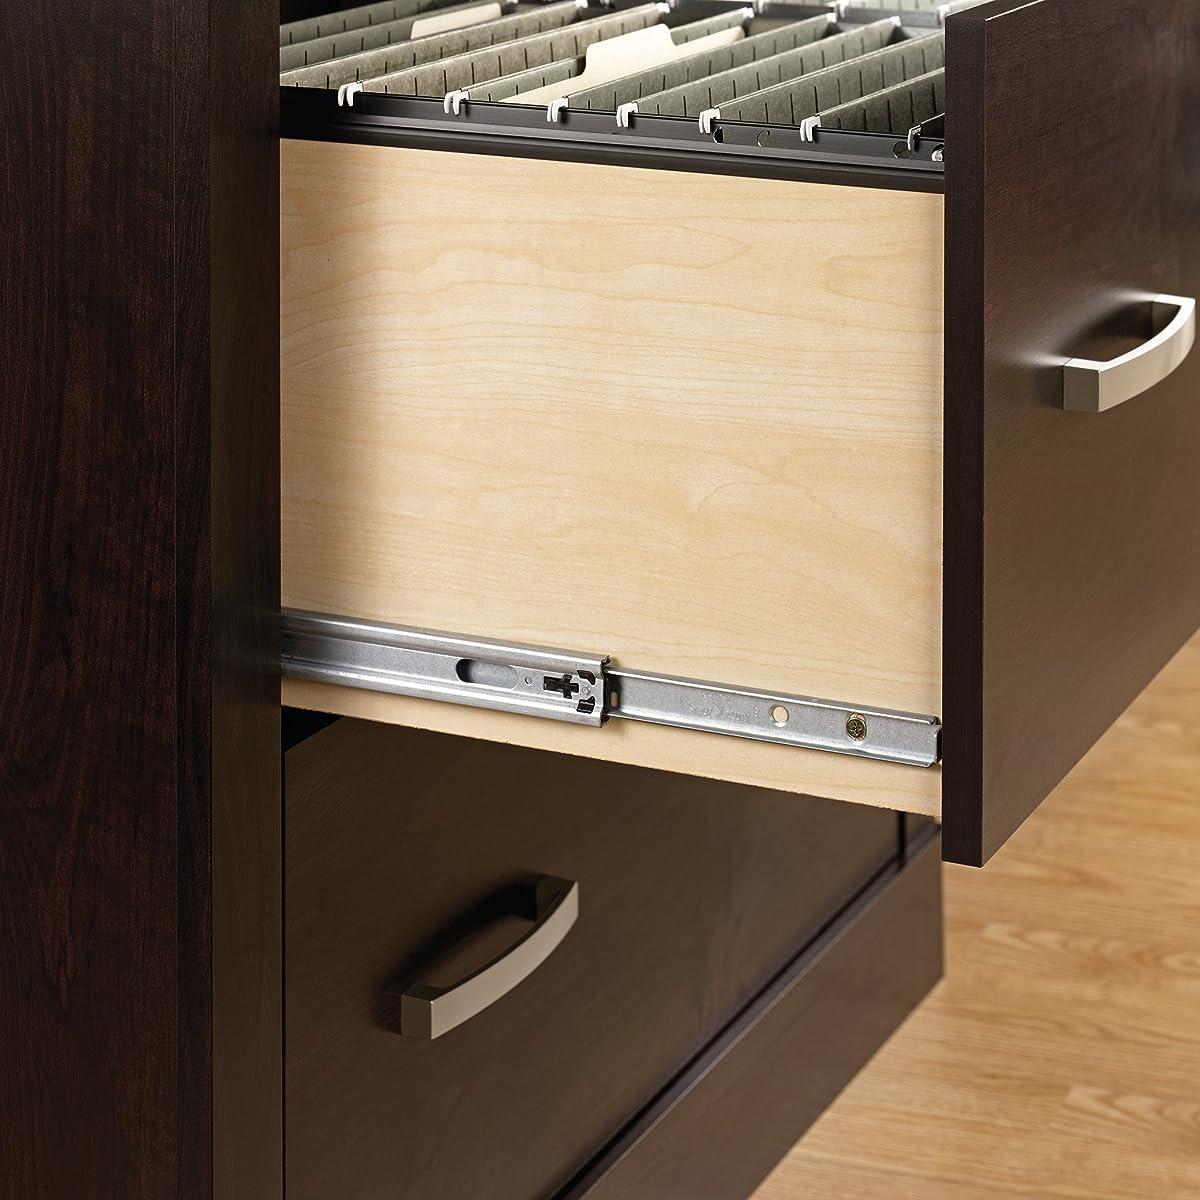 Sauder 408293 Office Port File Cabinet, Dark Alder